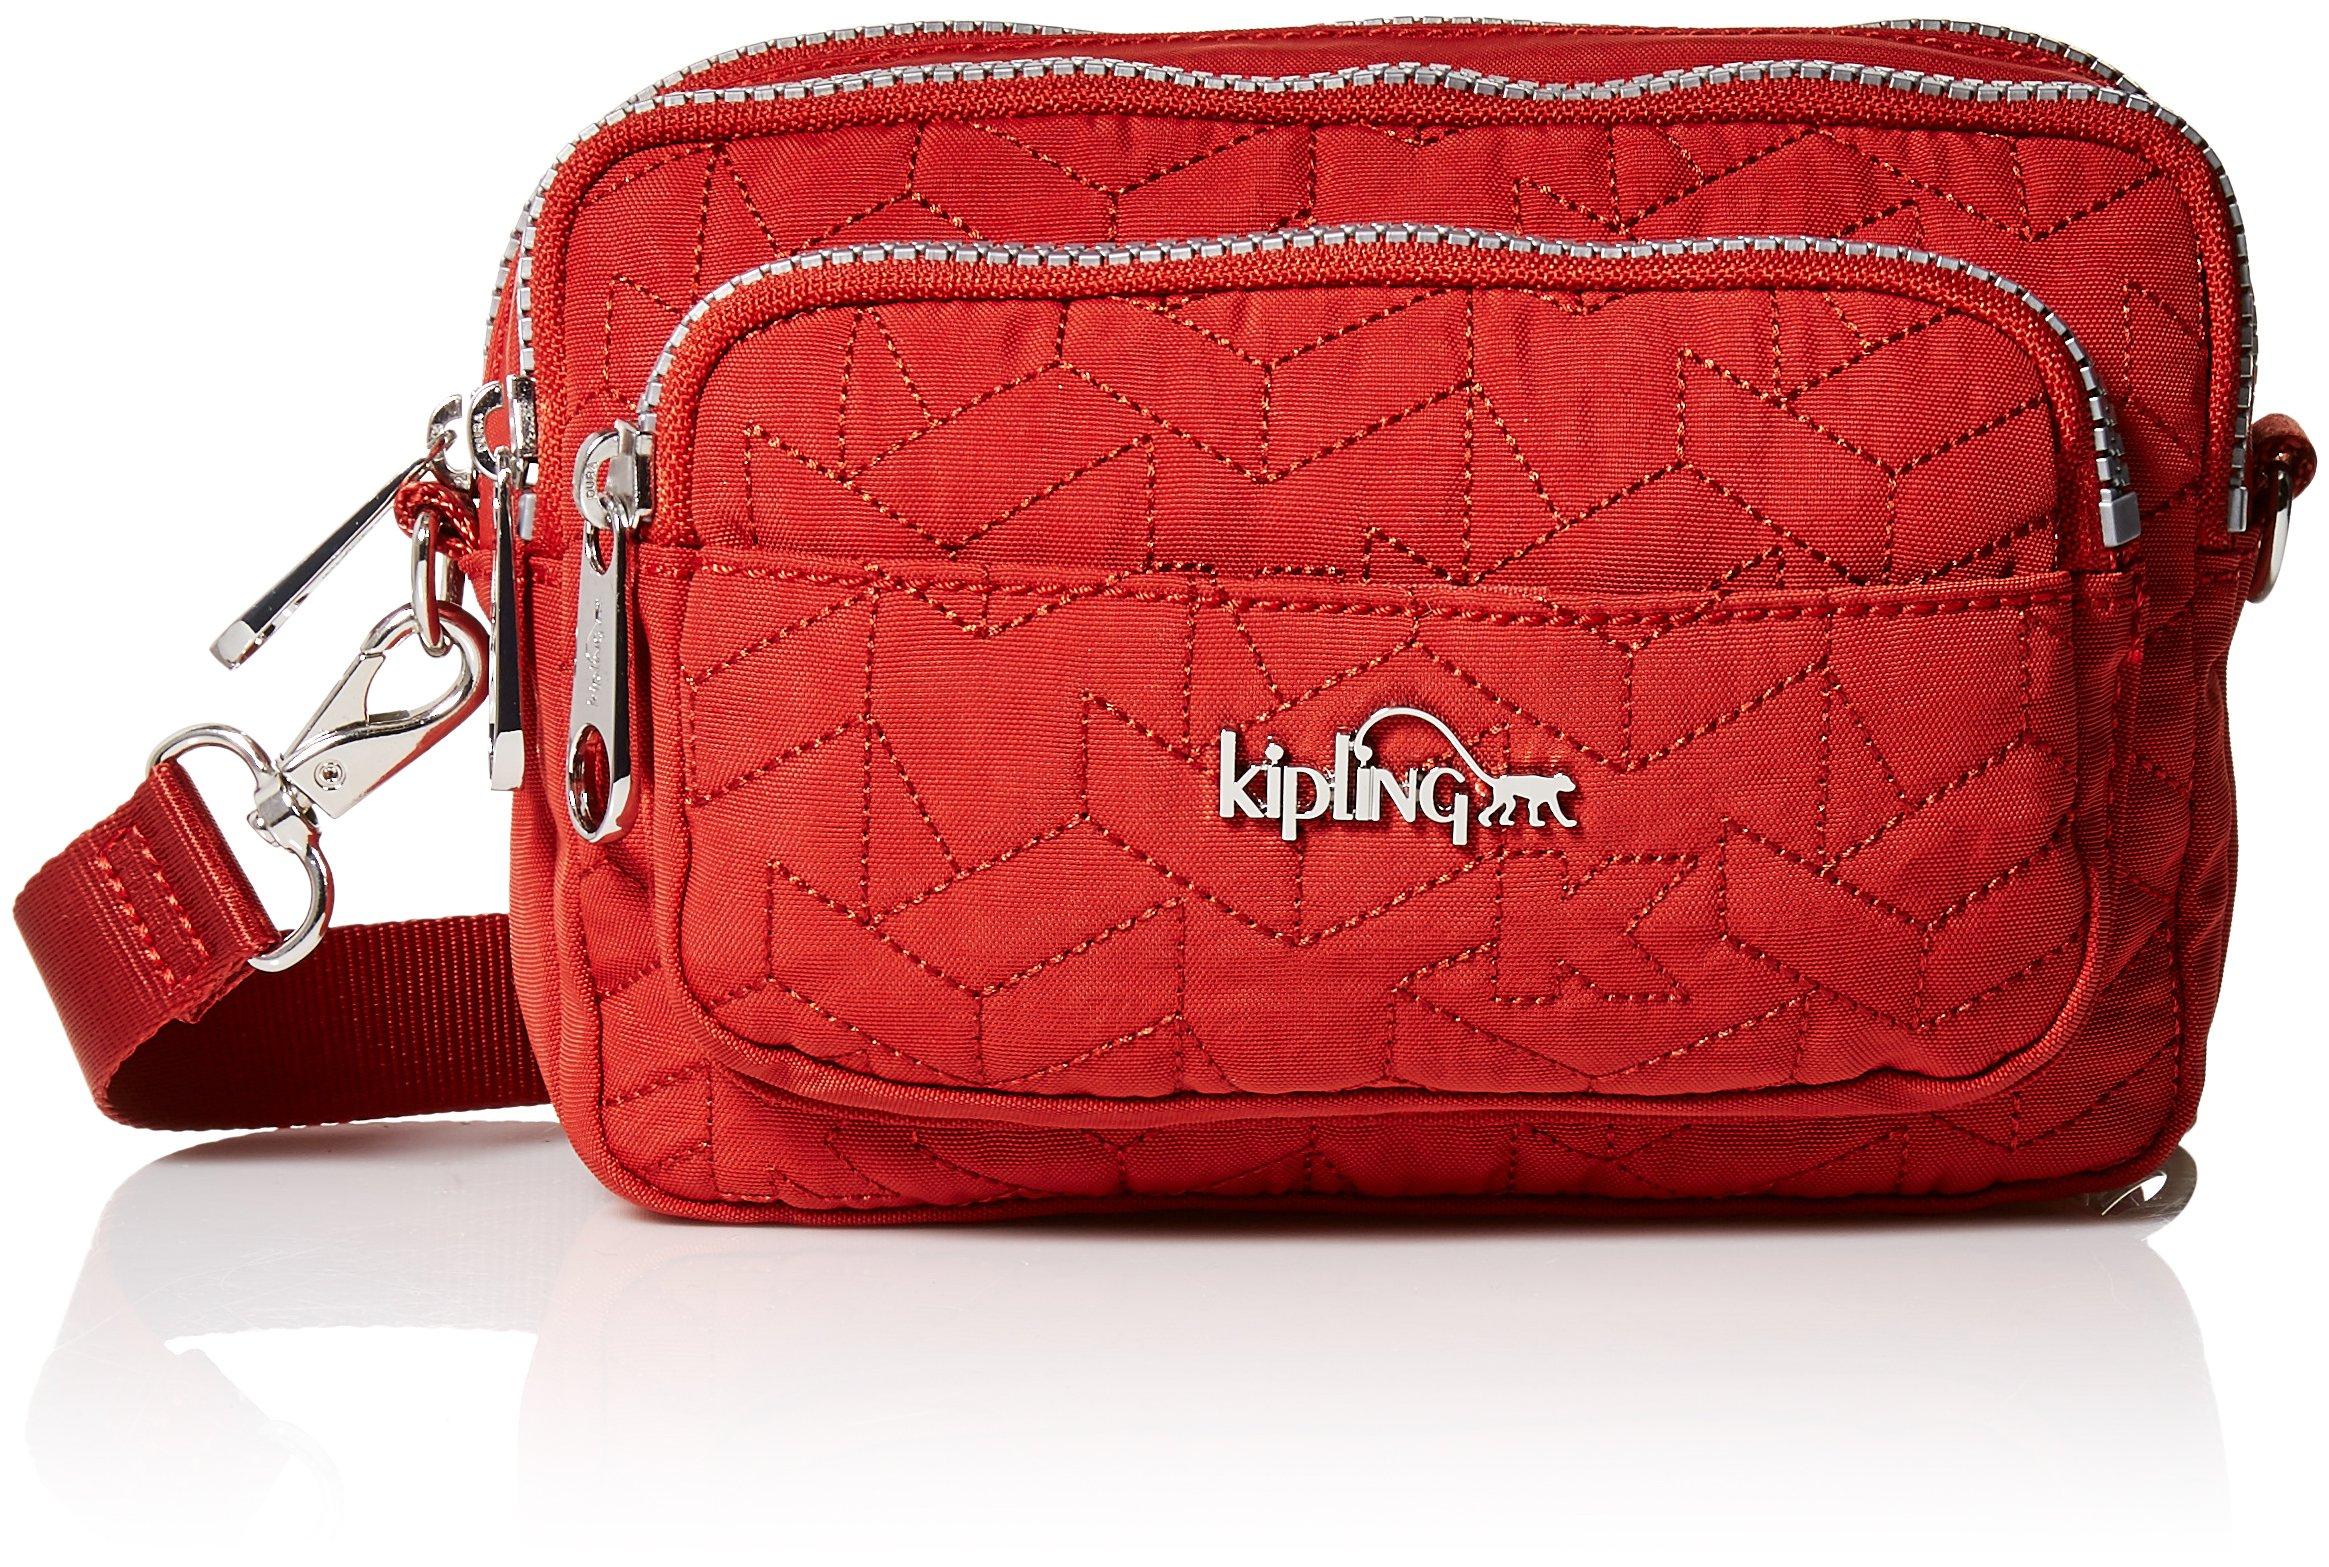 Kipling Women's Merryl Quilted Waistpack, Red Rust by Kipling